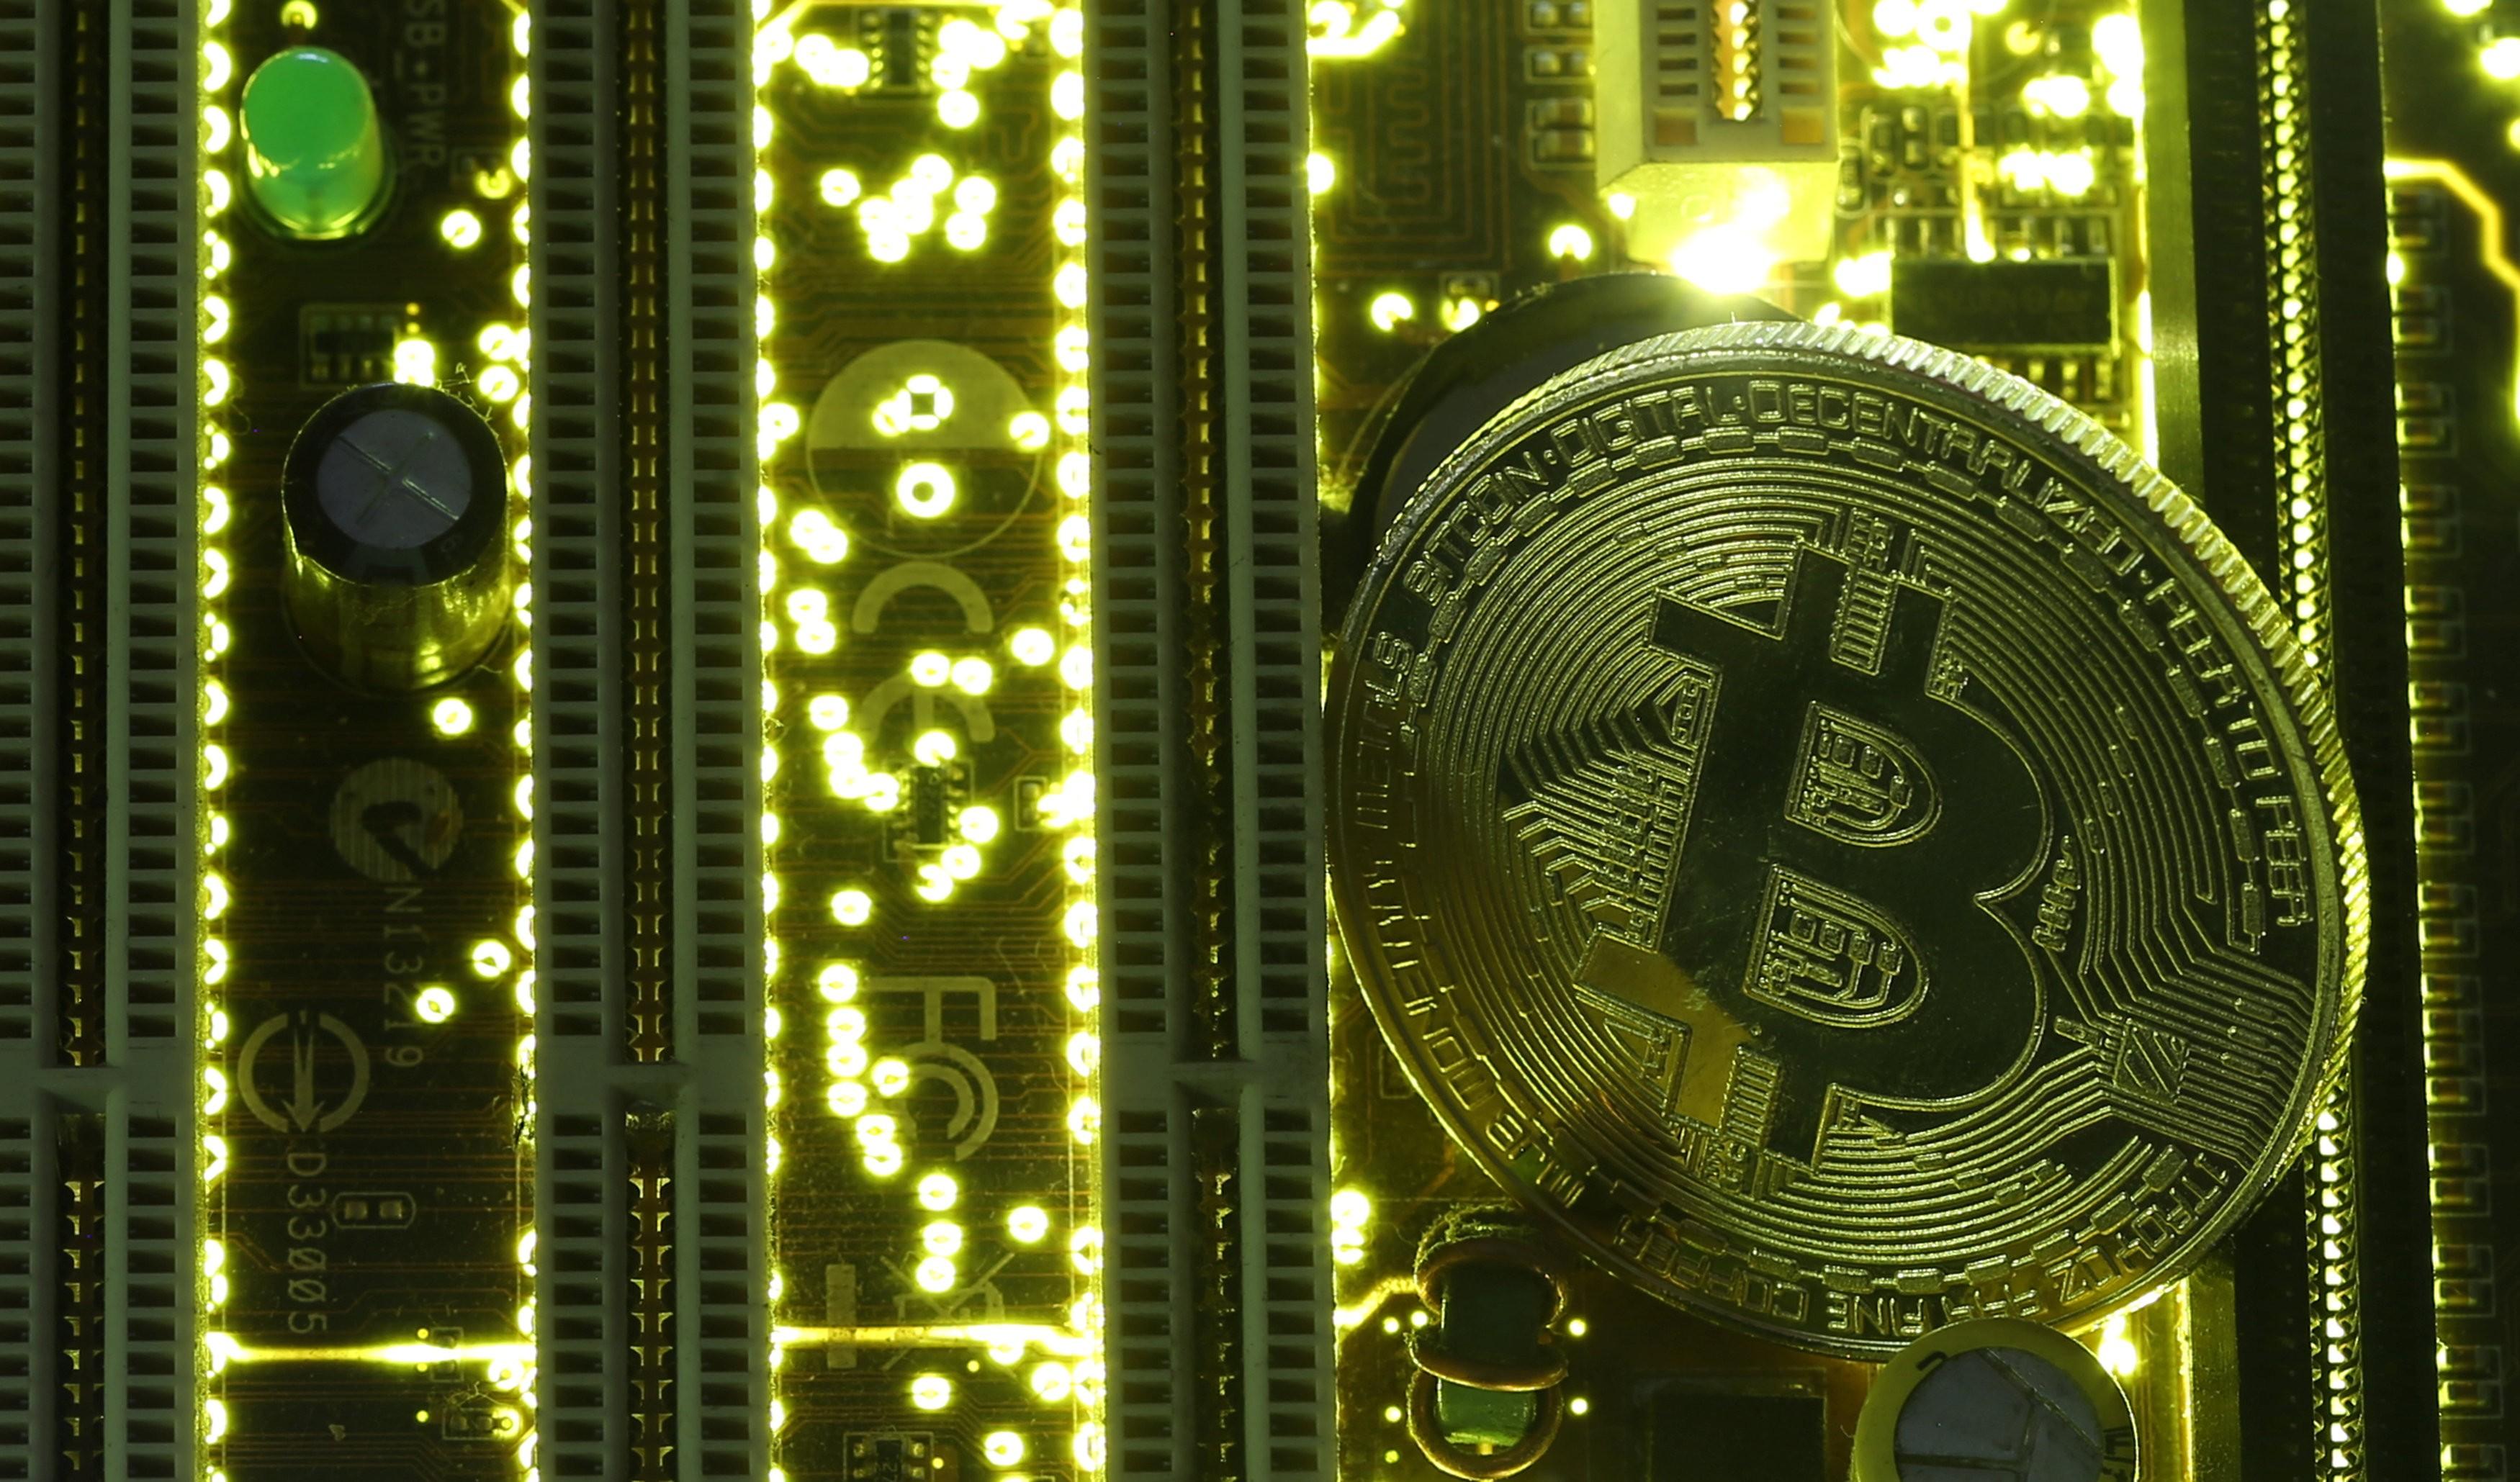 Mulher nos EUA é acusada de usar bitcoin em lavagem de dinheiro para apoiar Estado Islâmico